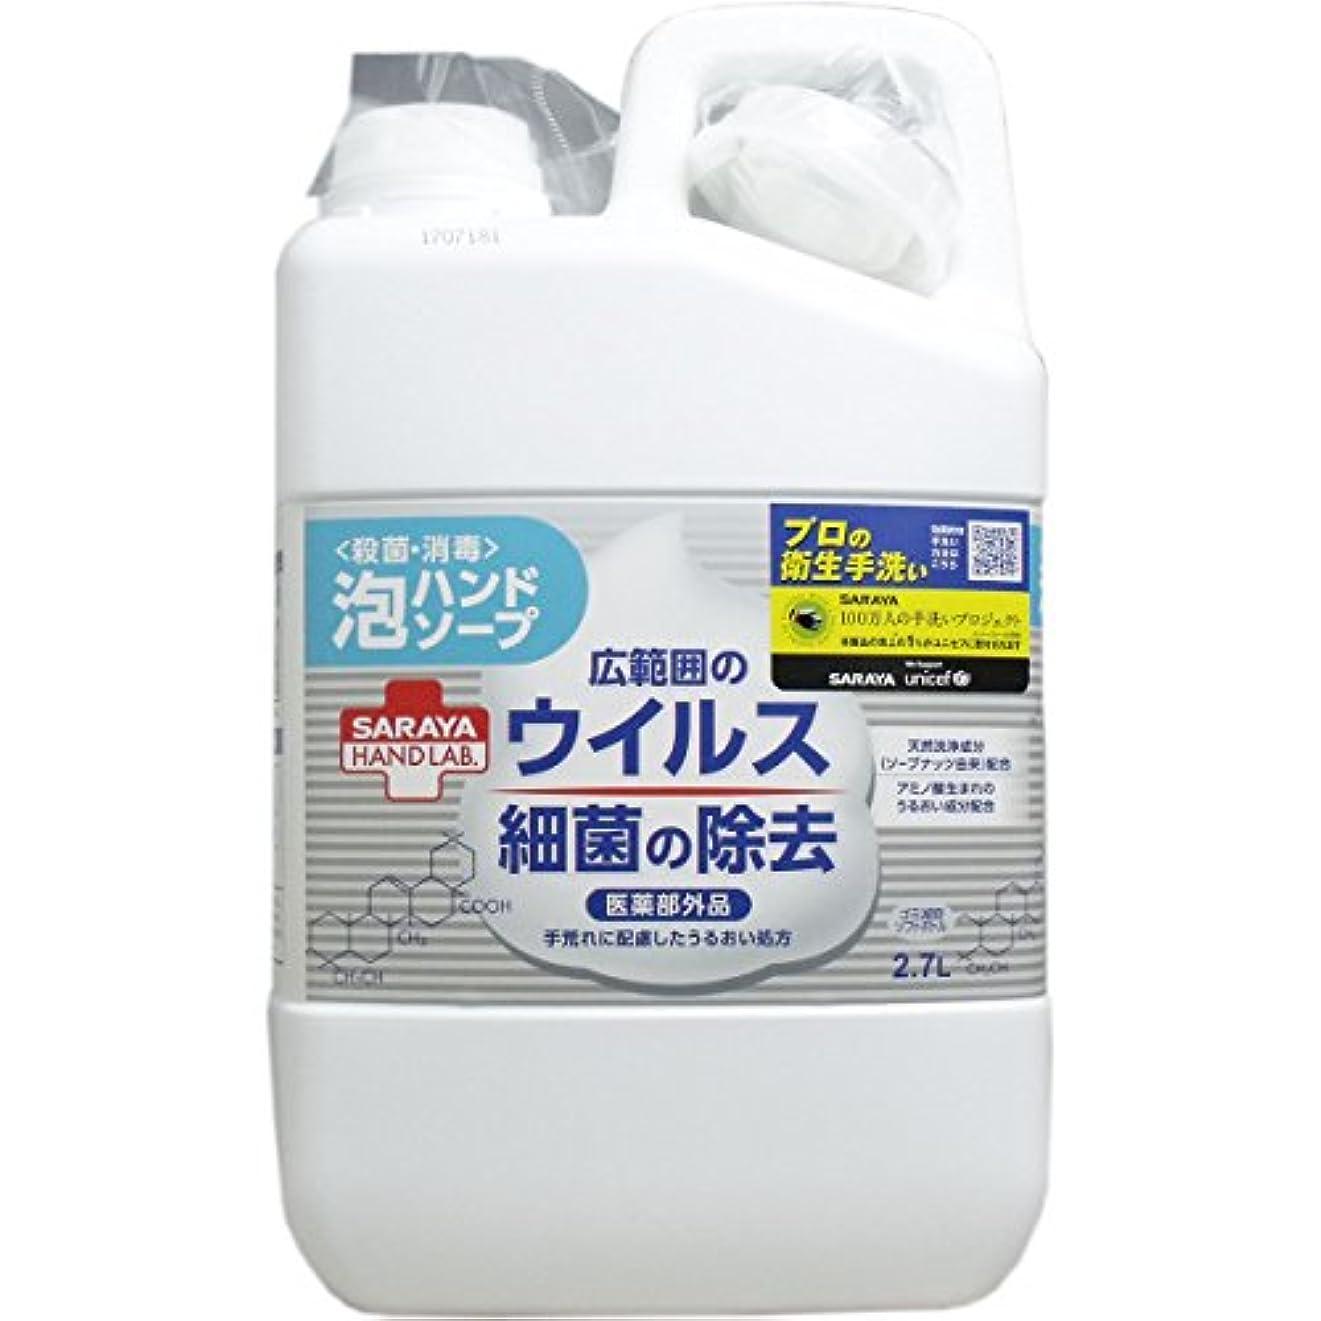 事地球敷居サラヤ ハンドラボ薬用泡ハンドソープ 詰替用 2.7L×3